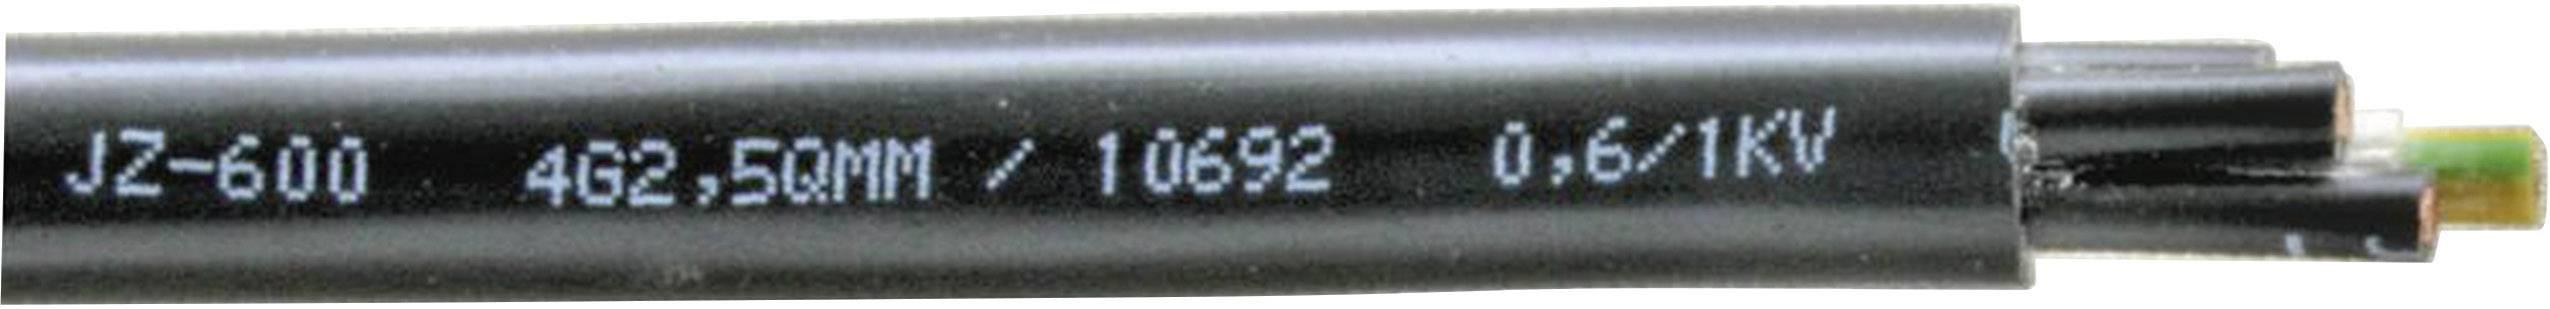 Riadiaci kábel Faber Kabel YSLY-OZ 600 033639, 2 x 1.50 mm², vonkajší Ø 9.60 mm, 1000 V, metrový tovar, čierna